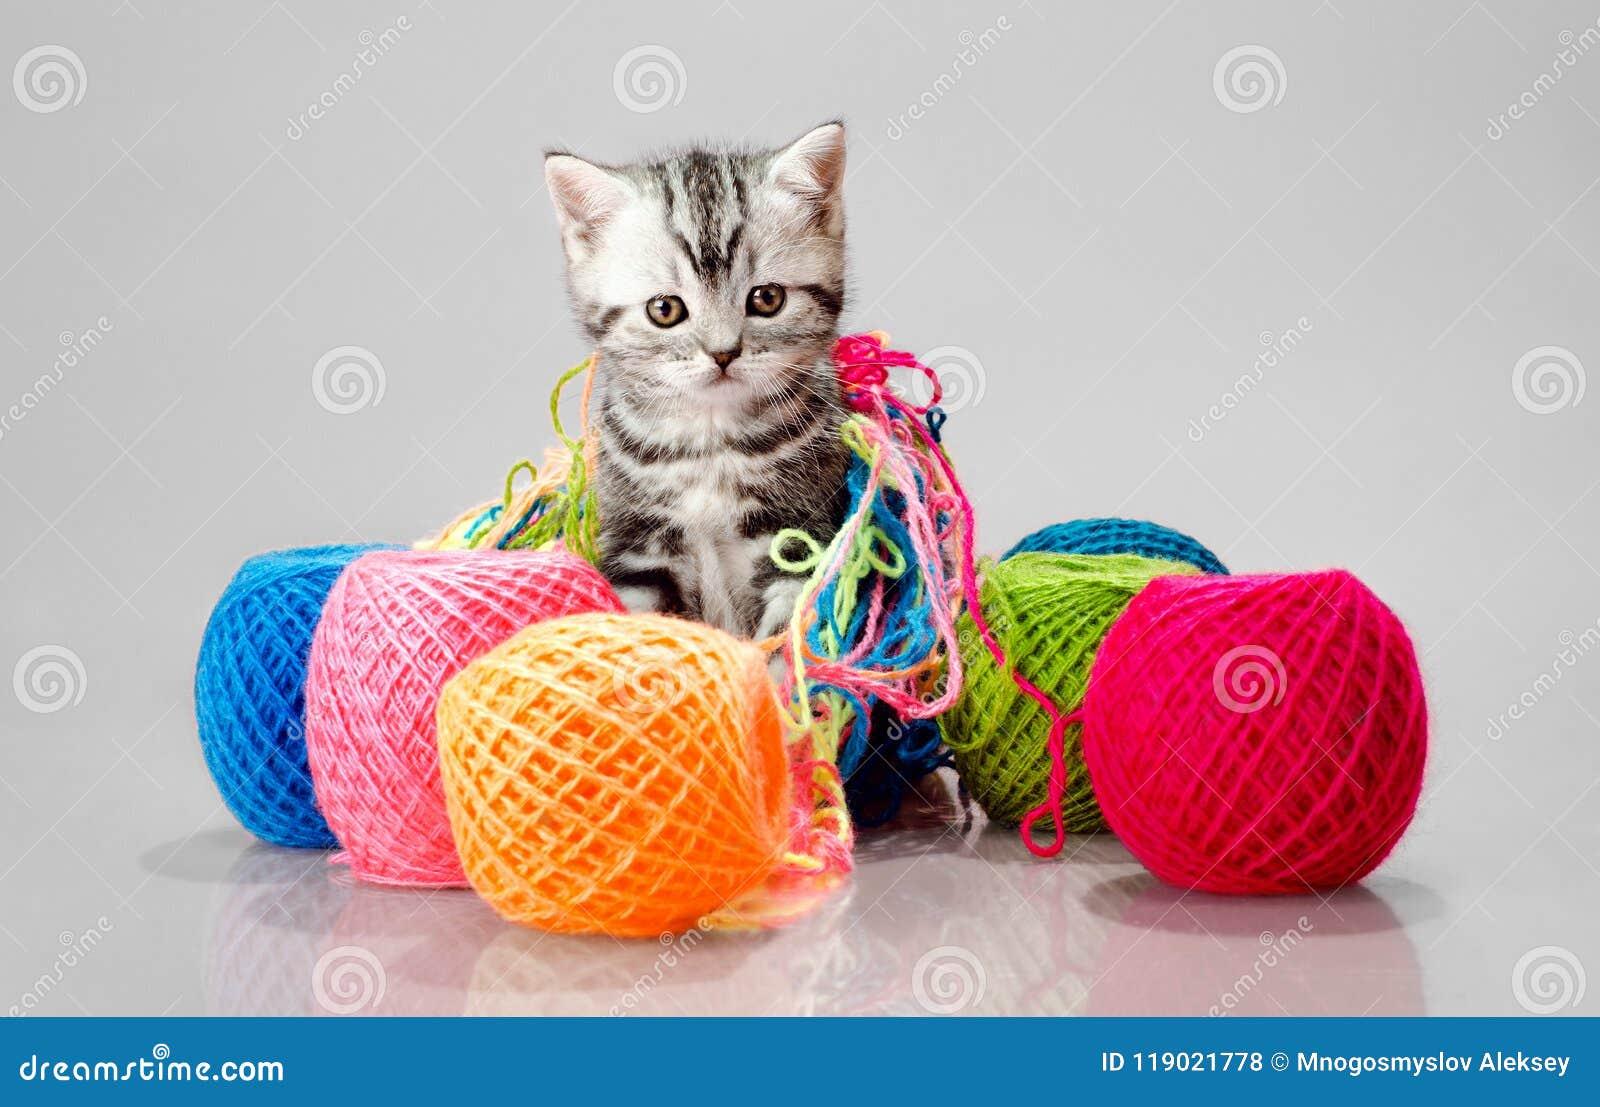 Piccolo gattino con i molti bugna multicolore